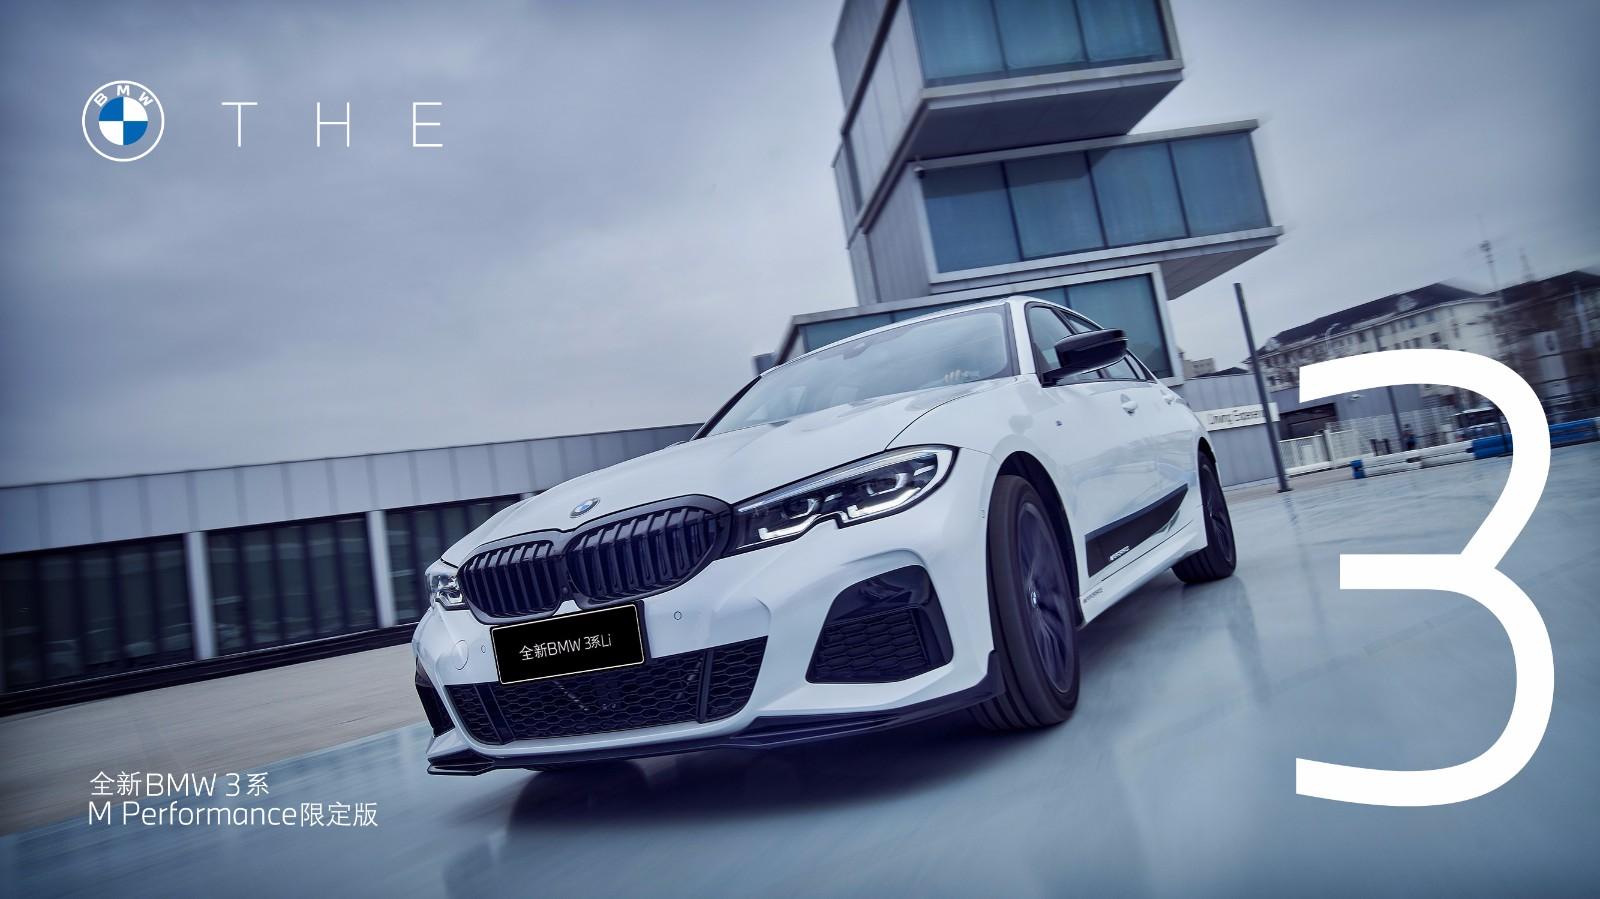 01.全新BMW 3系M Performance限定版.jpg